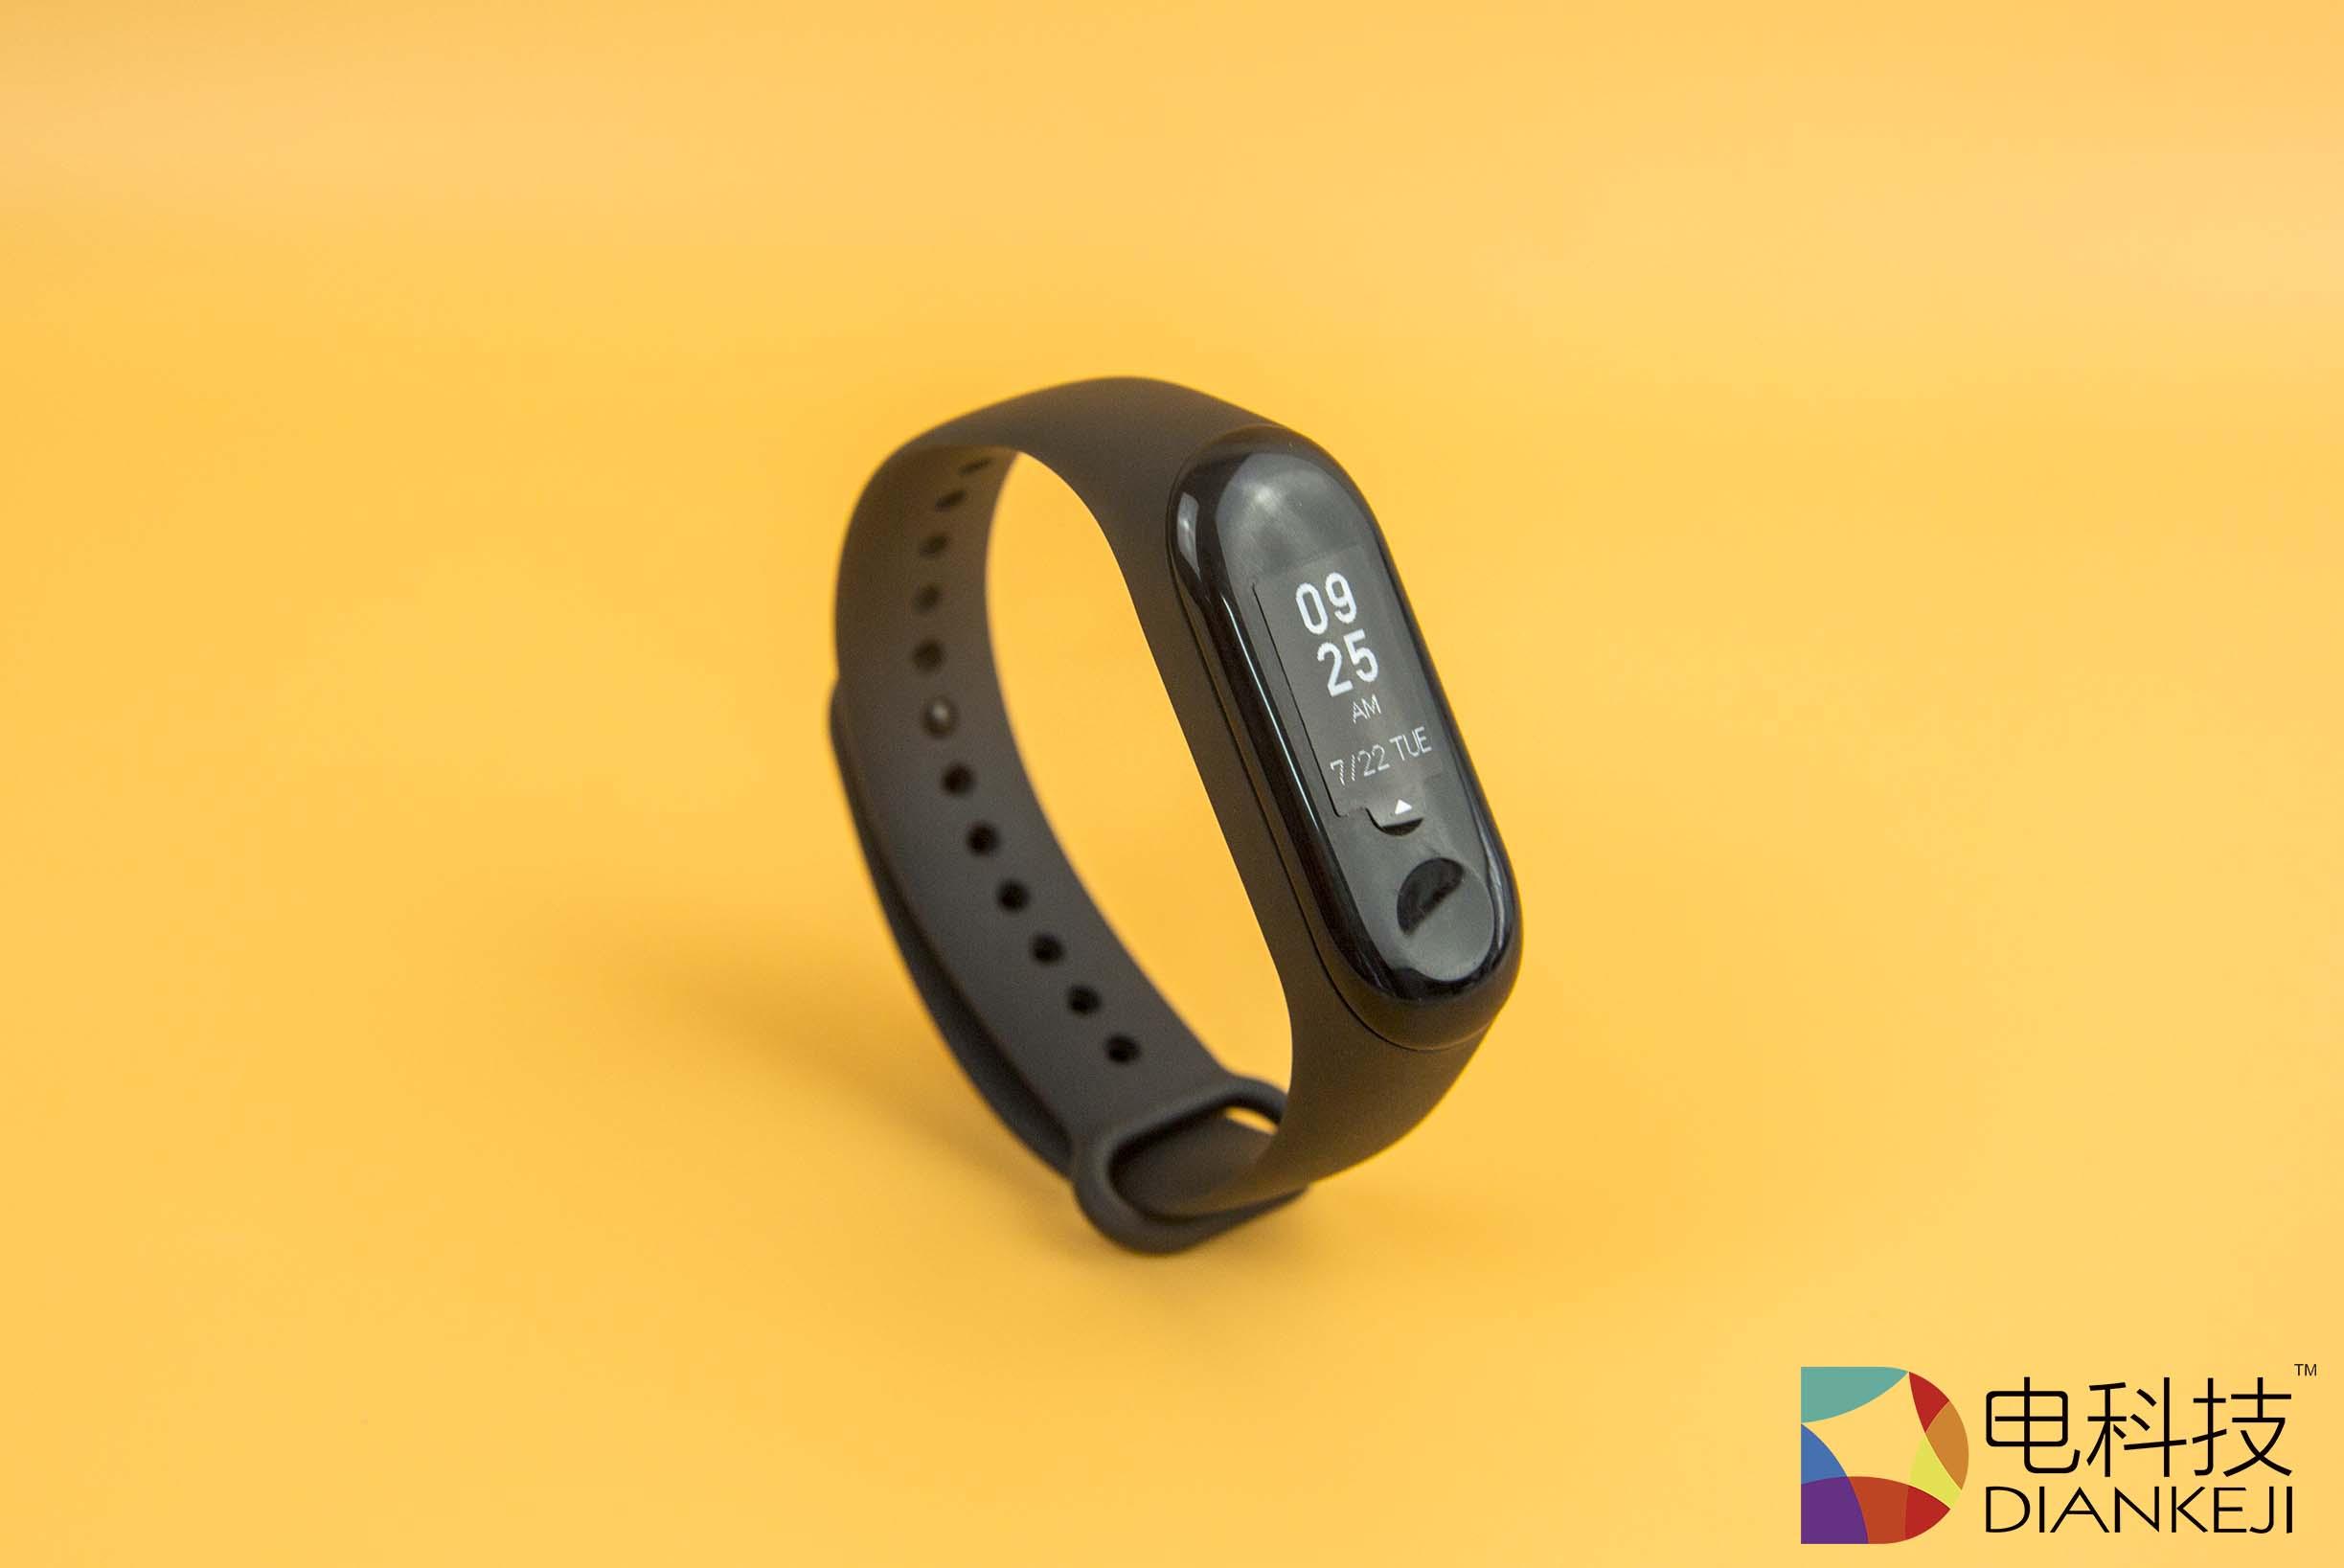 小米手环3:你可以将它看成是一款169元续航10天的简化版智能手表